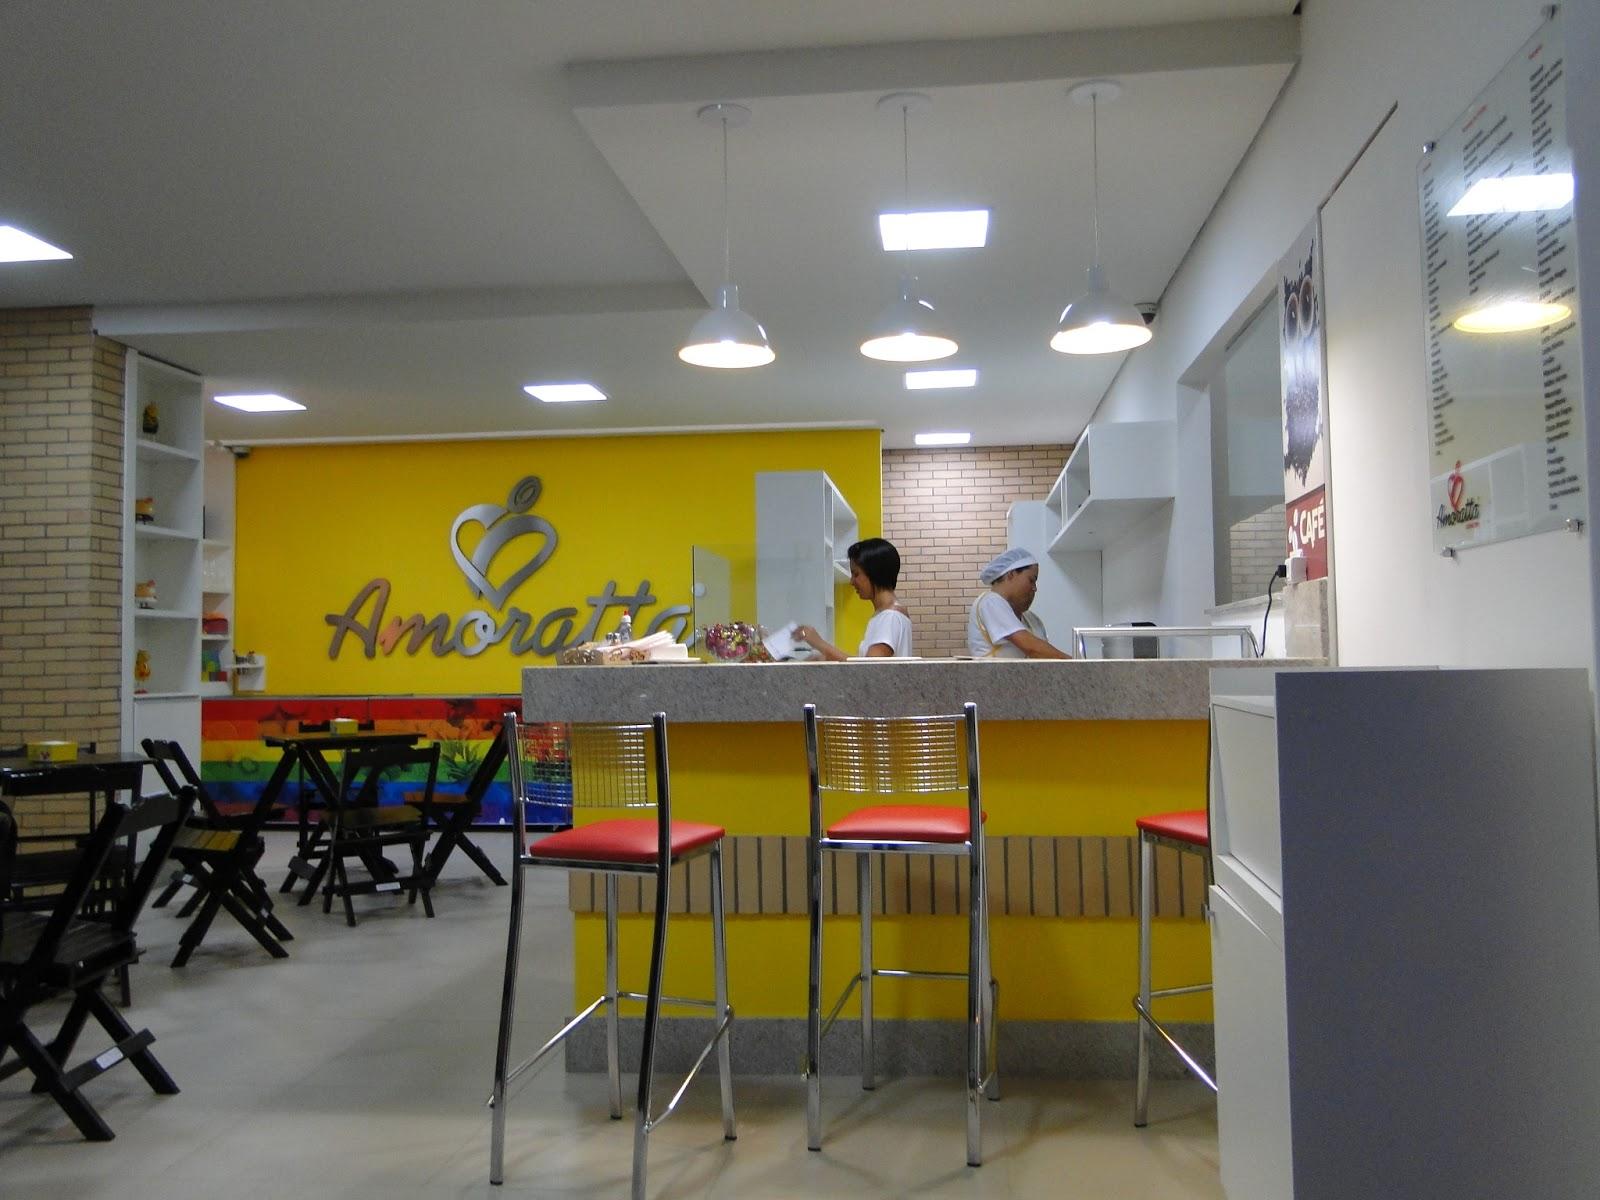 ideias e projetos de decoracao de interiores: PROJETO SORVETERIA – INAUGURAÇÃO 20 DE JULHO DE 2013 – AMORATA